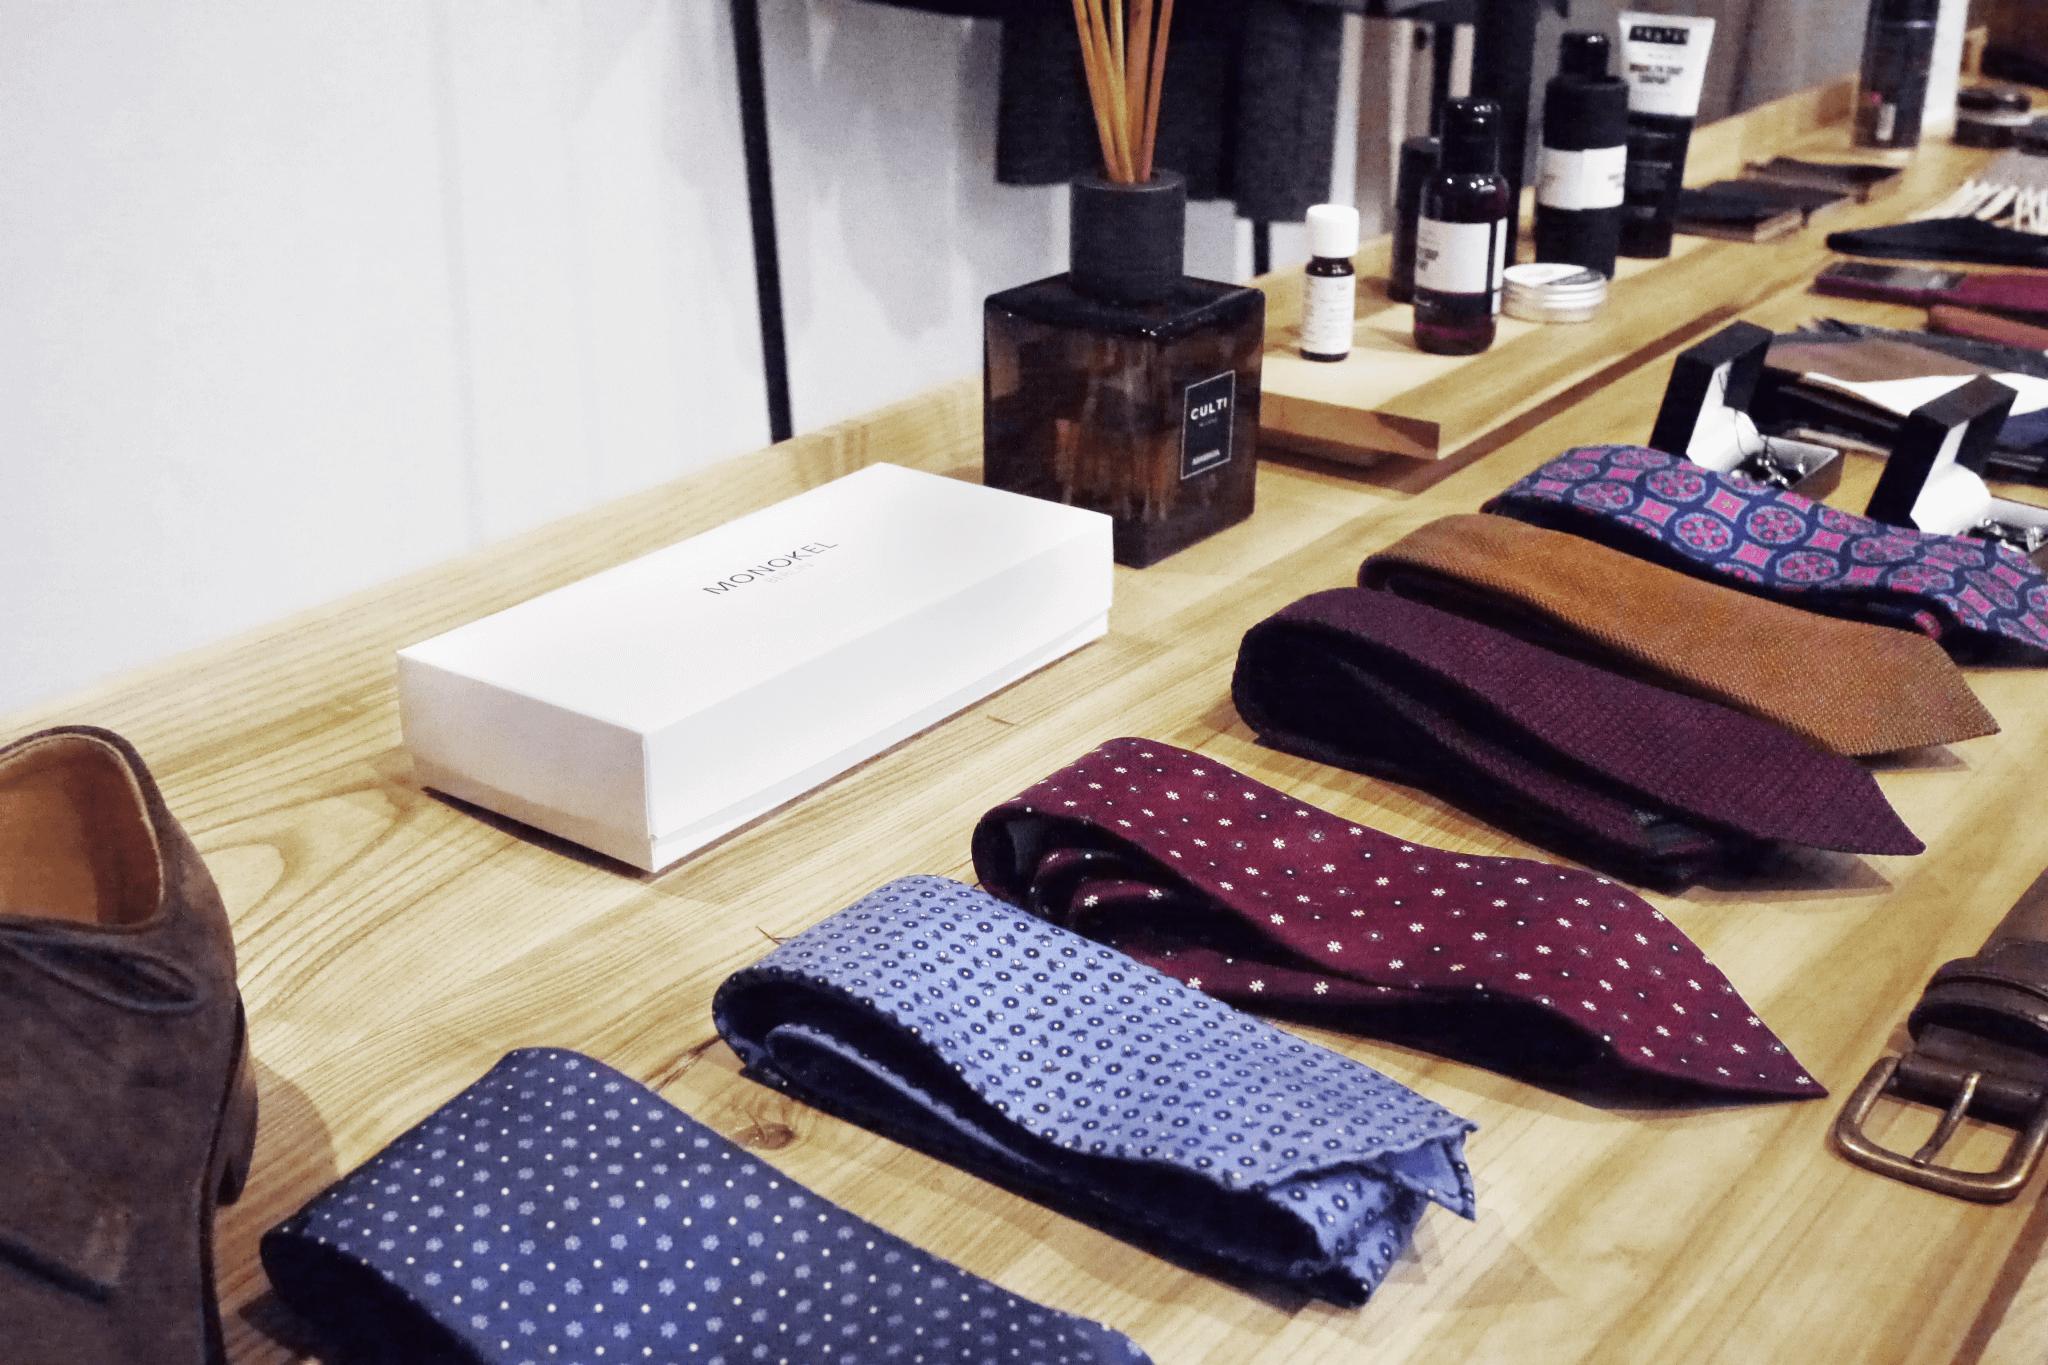 Cravates dans un magasin Monokel à Berlin